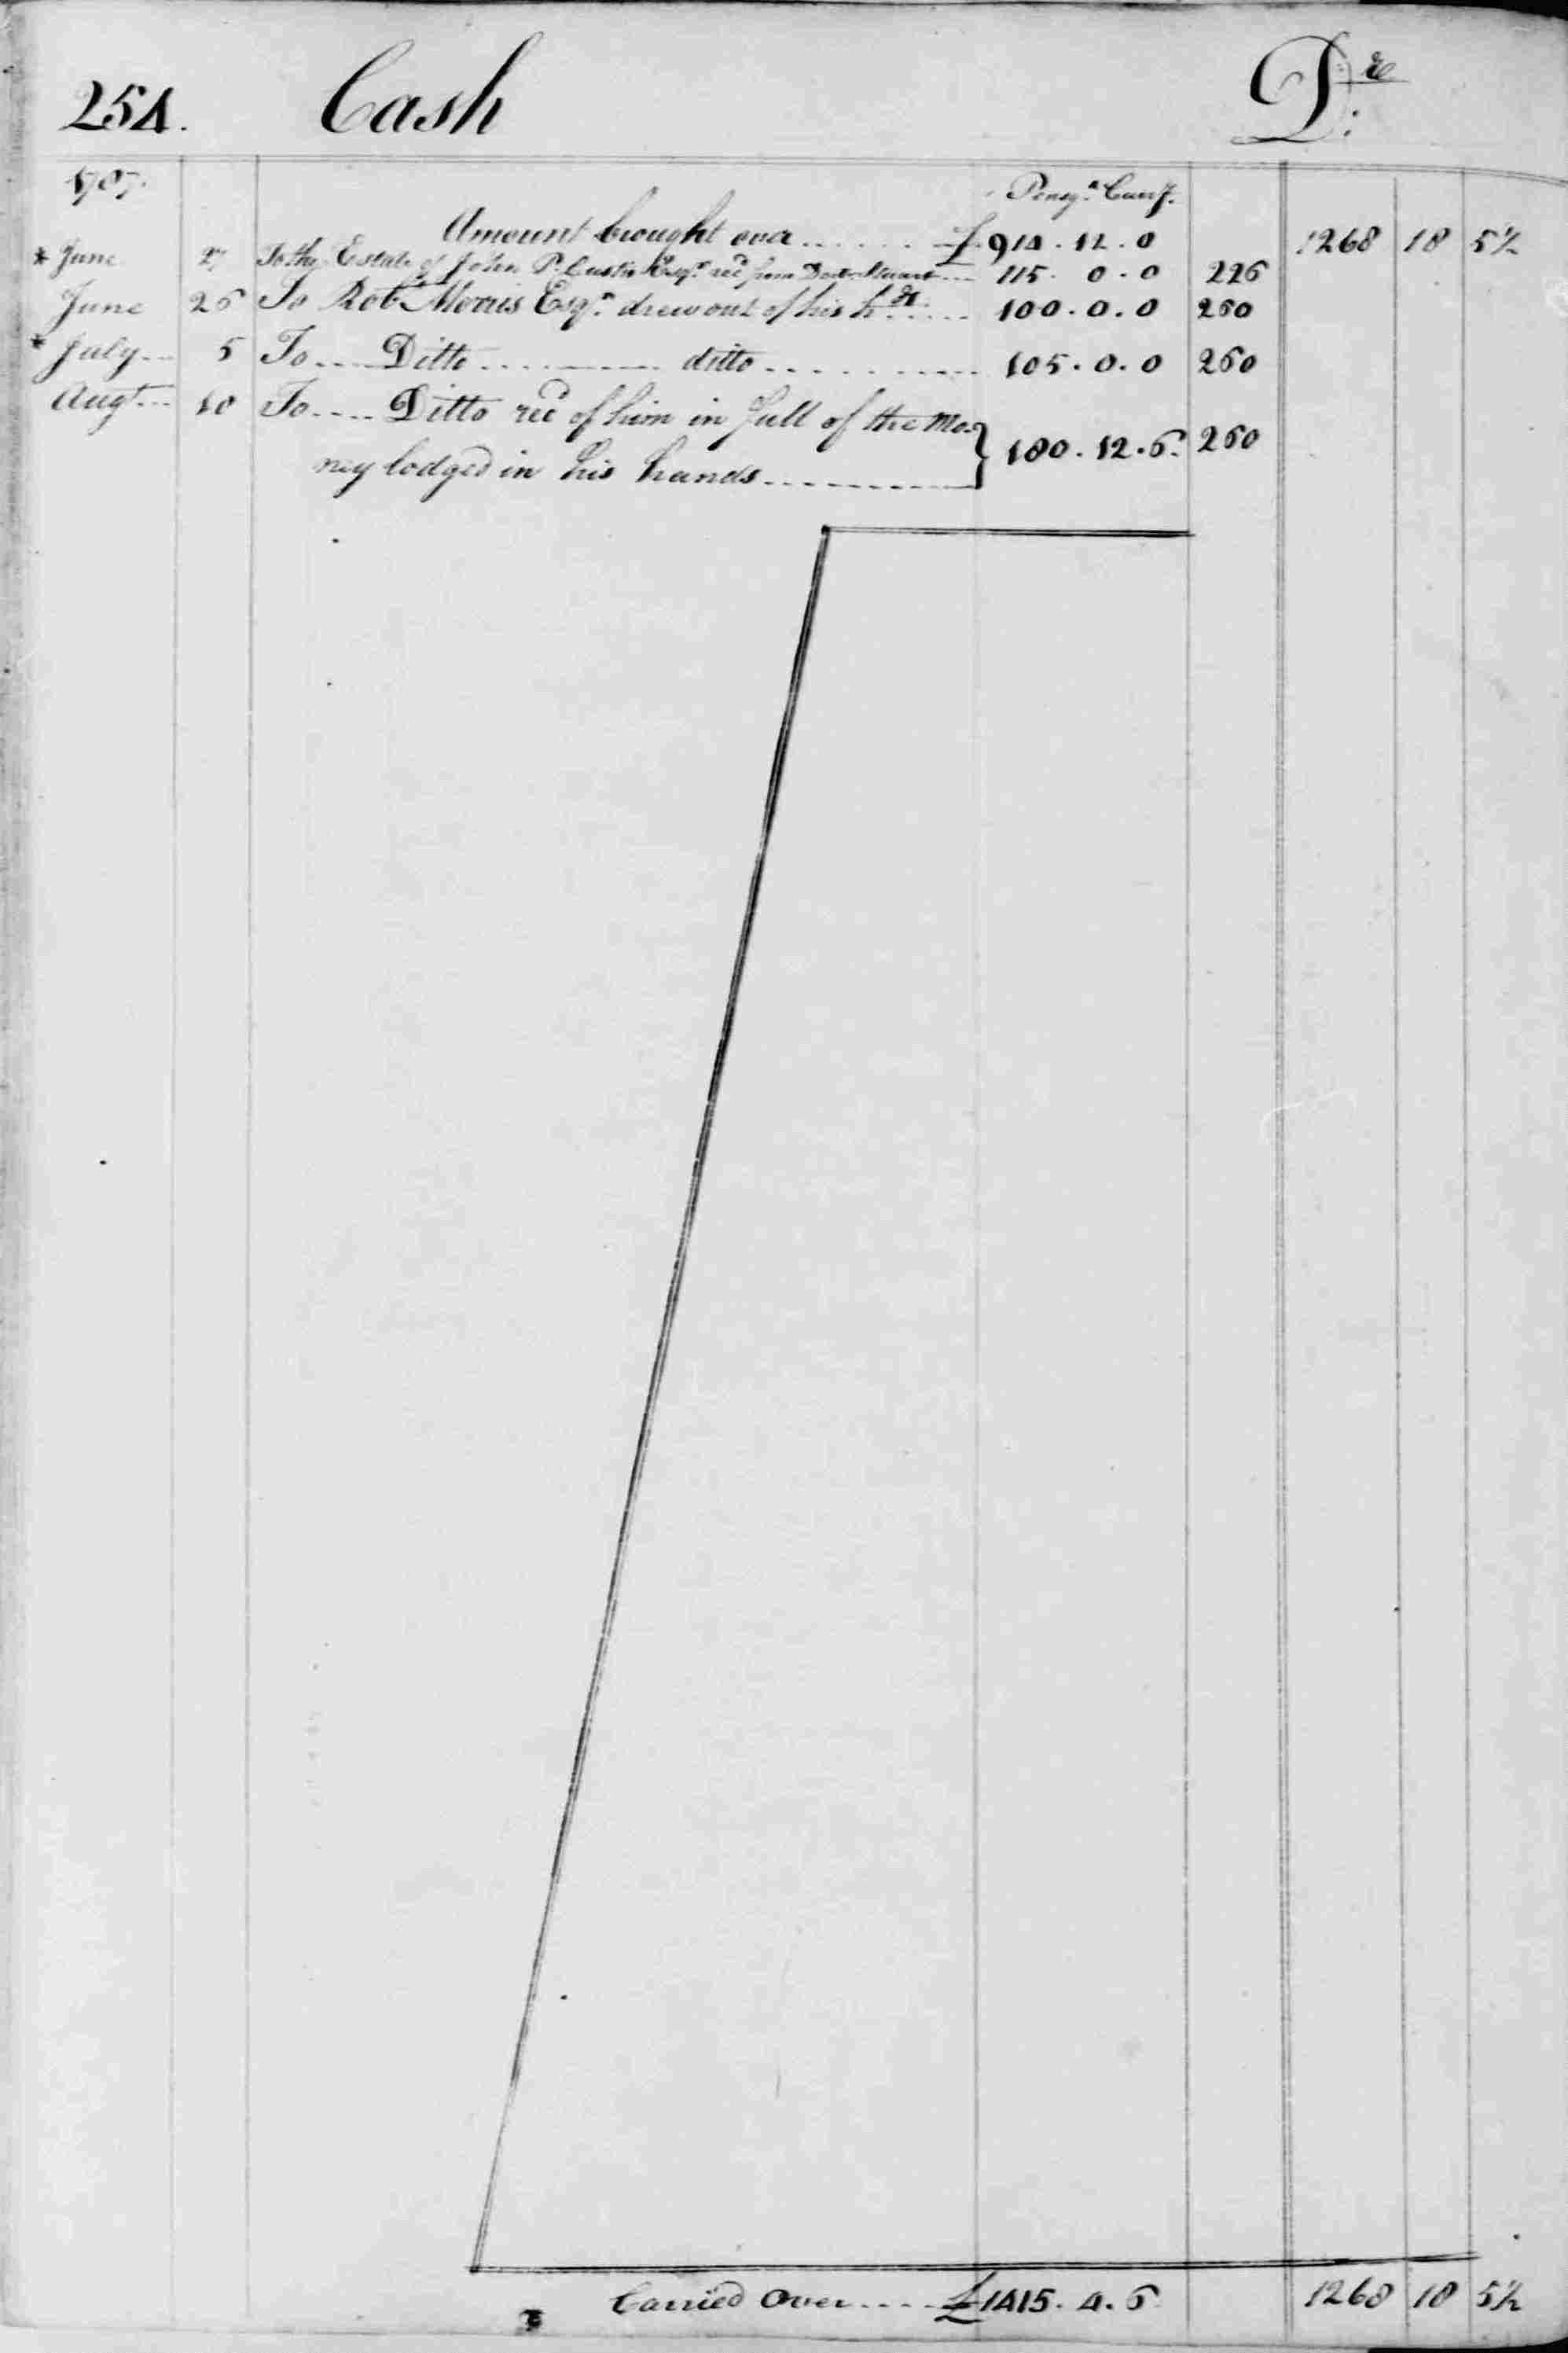 Ledger B, folio 254, left side